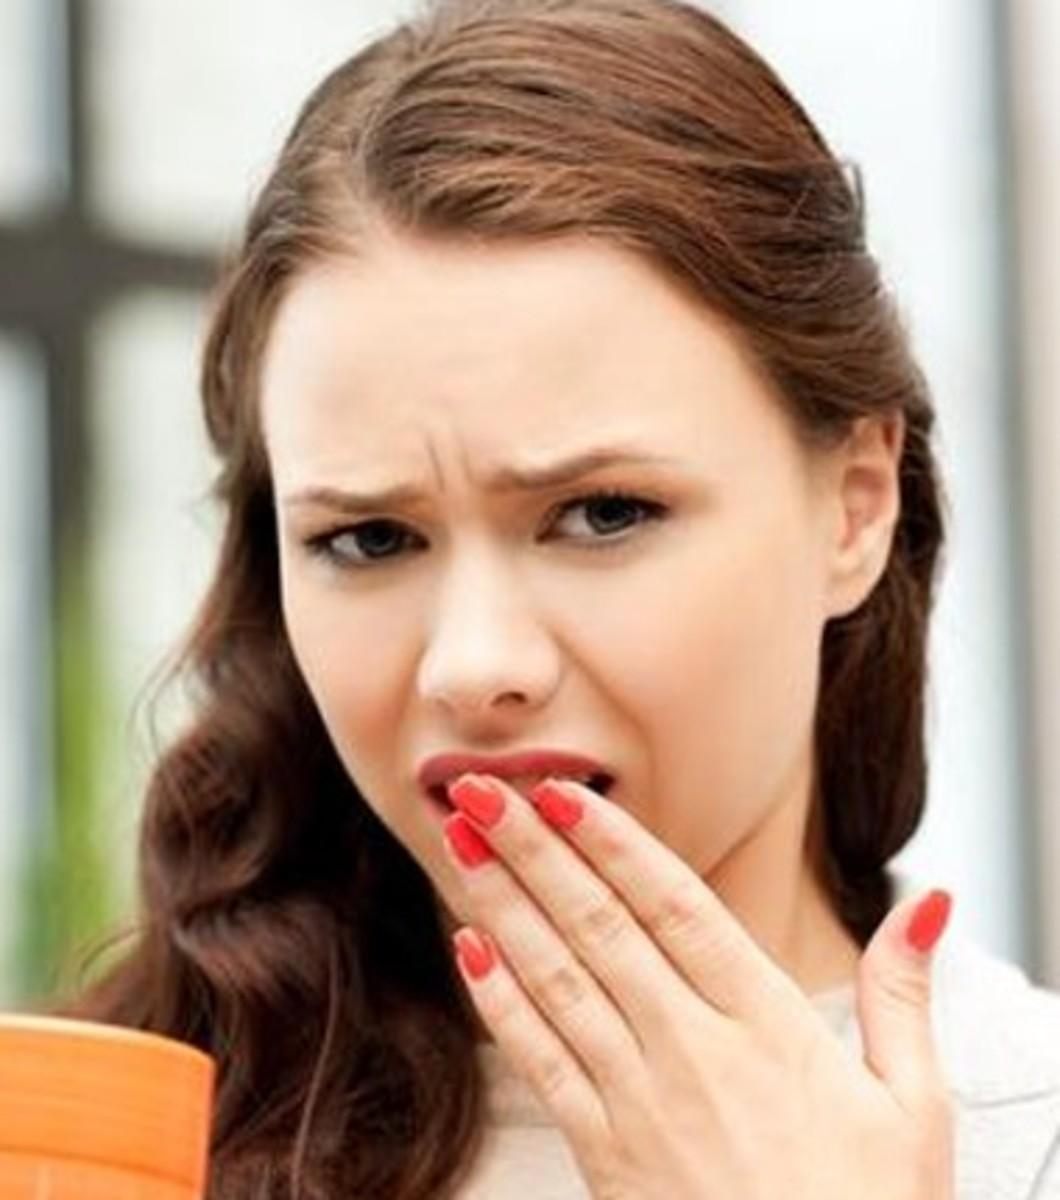 Сладкий вкус во рту у беременной 24